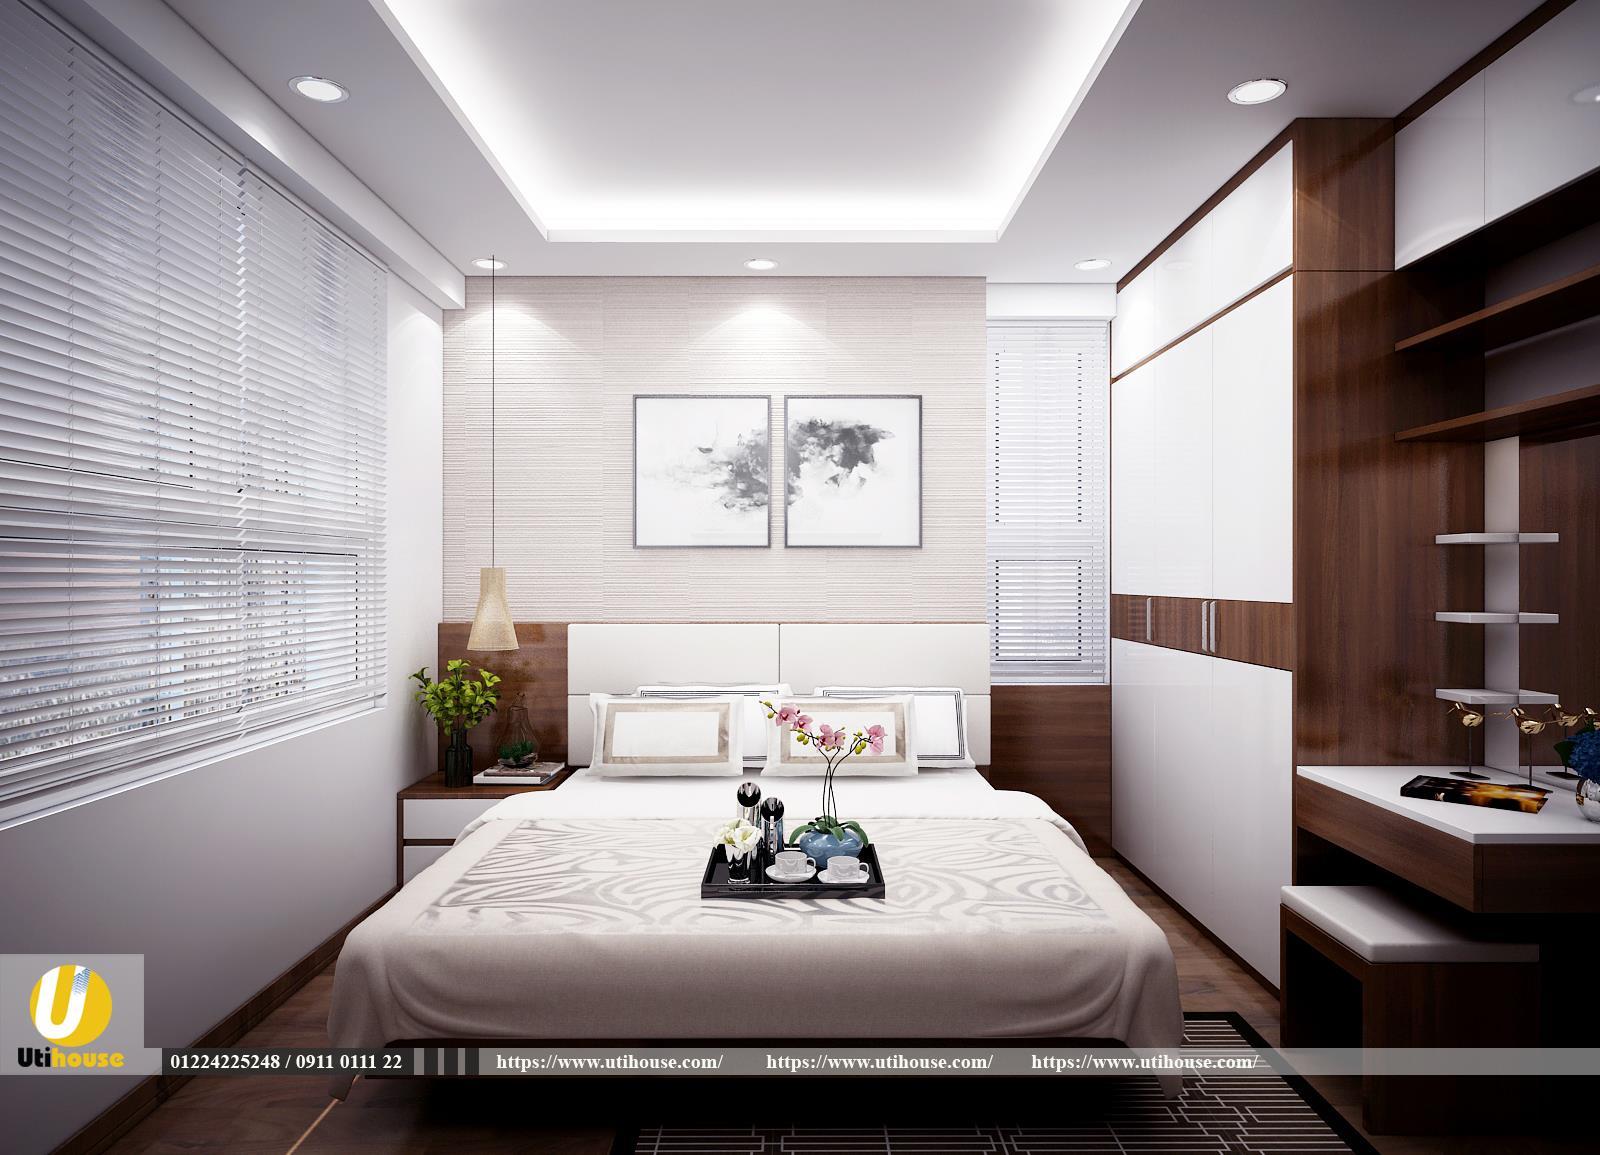 Top mẫu thiết kế phòng ngủ 20m2 đẹp tiện nghi theo xu hướng